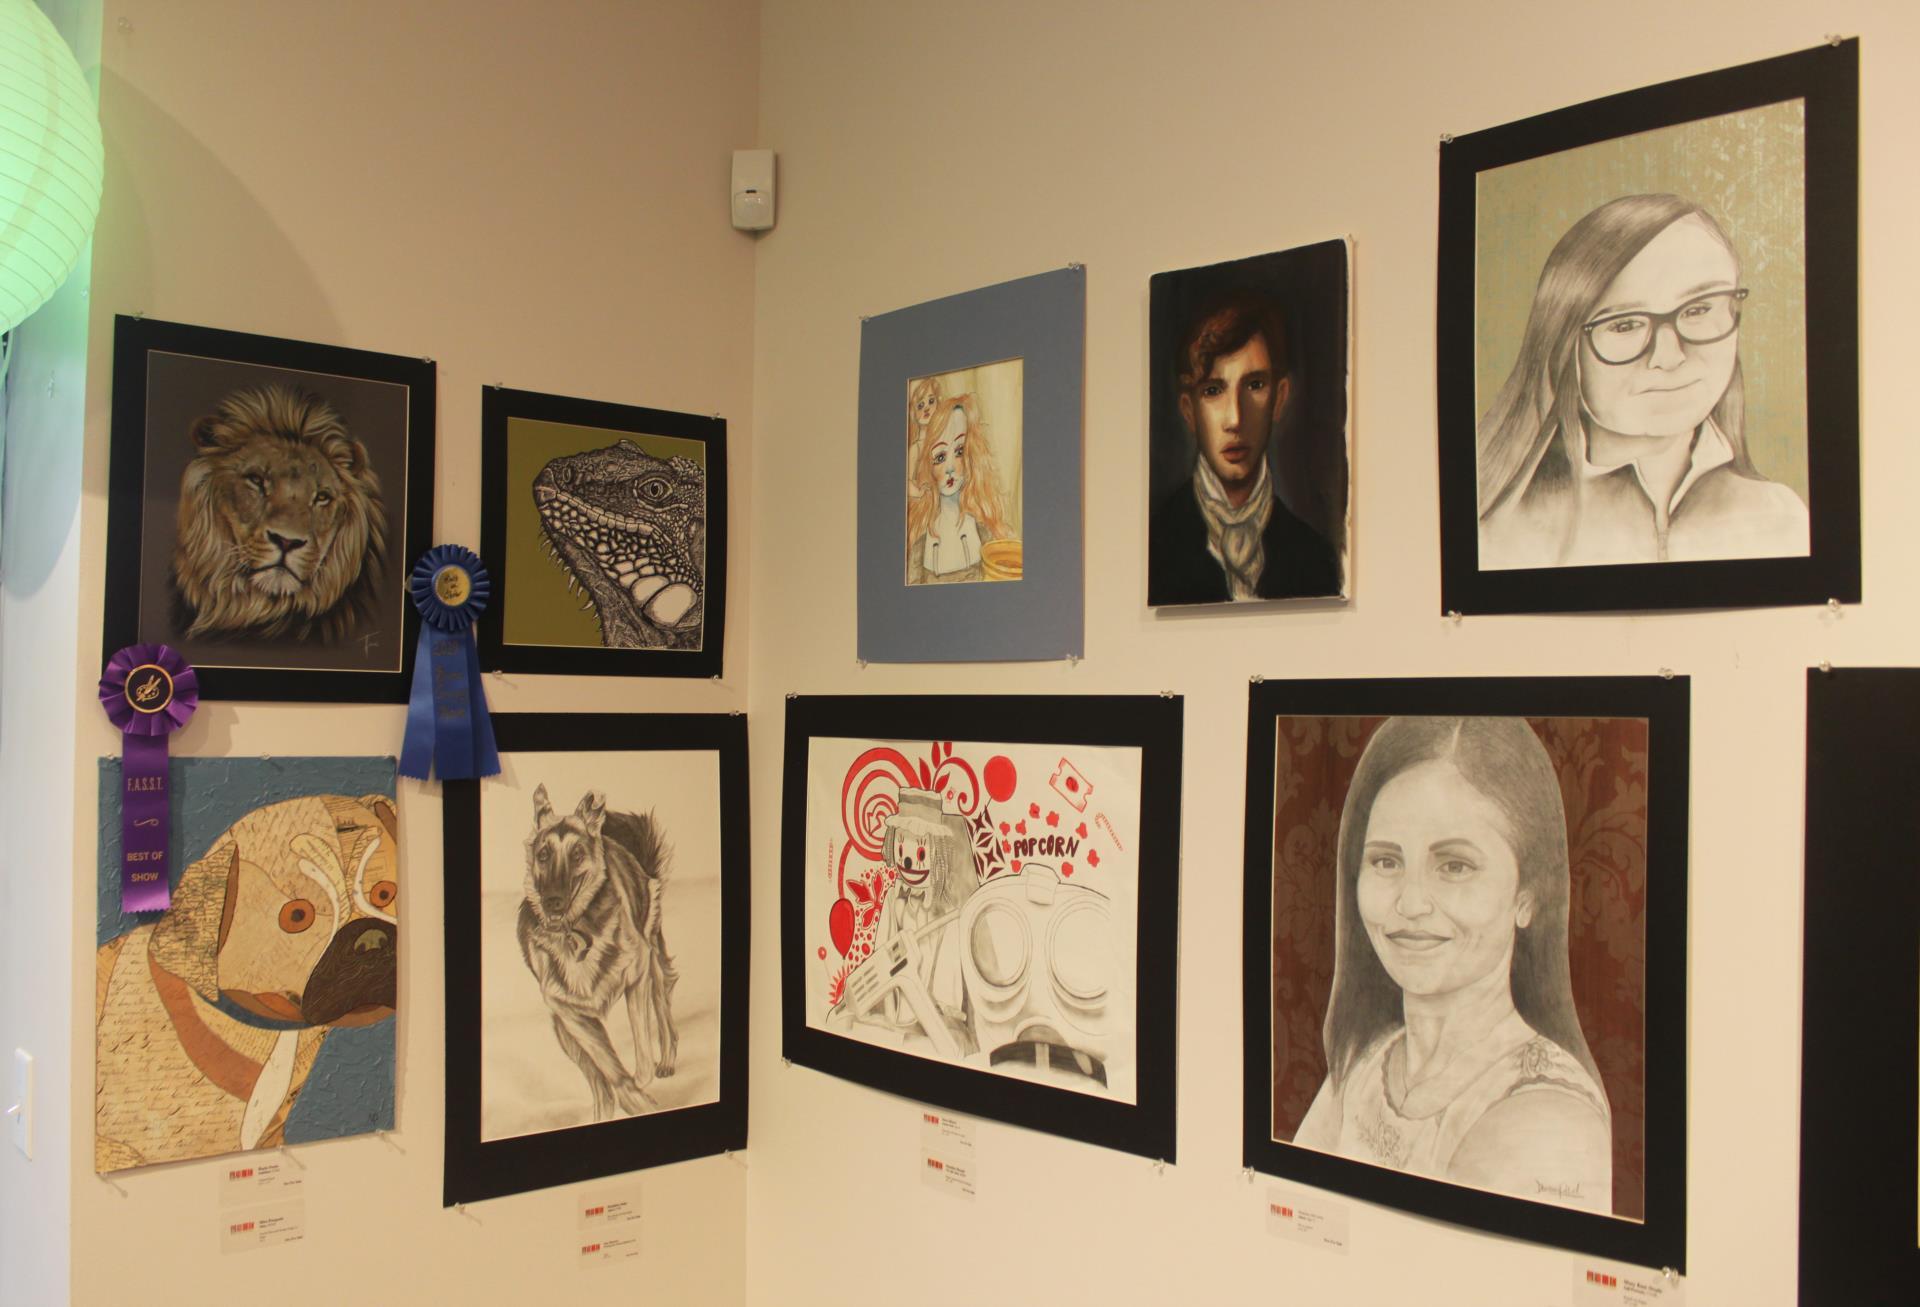 pictures in exhibit